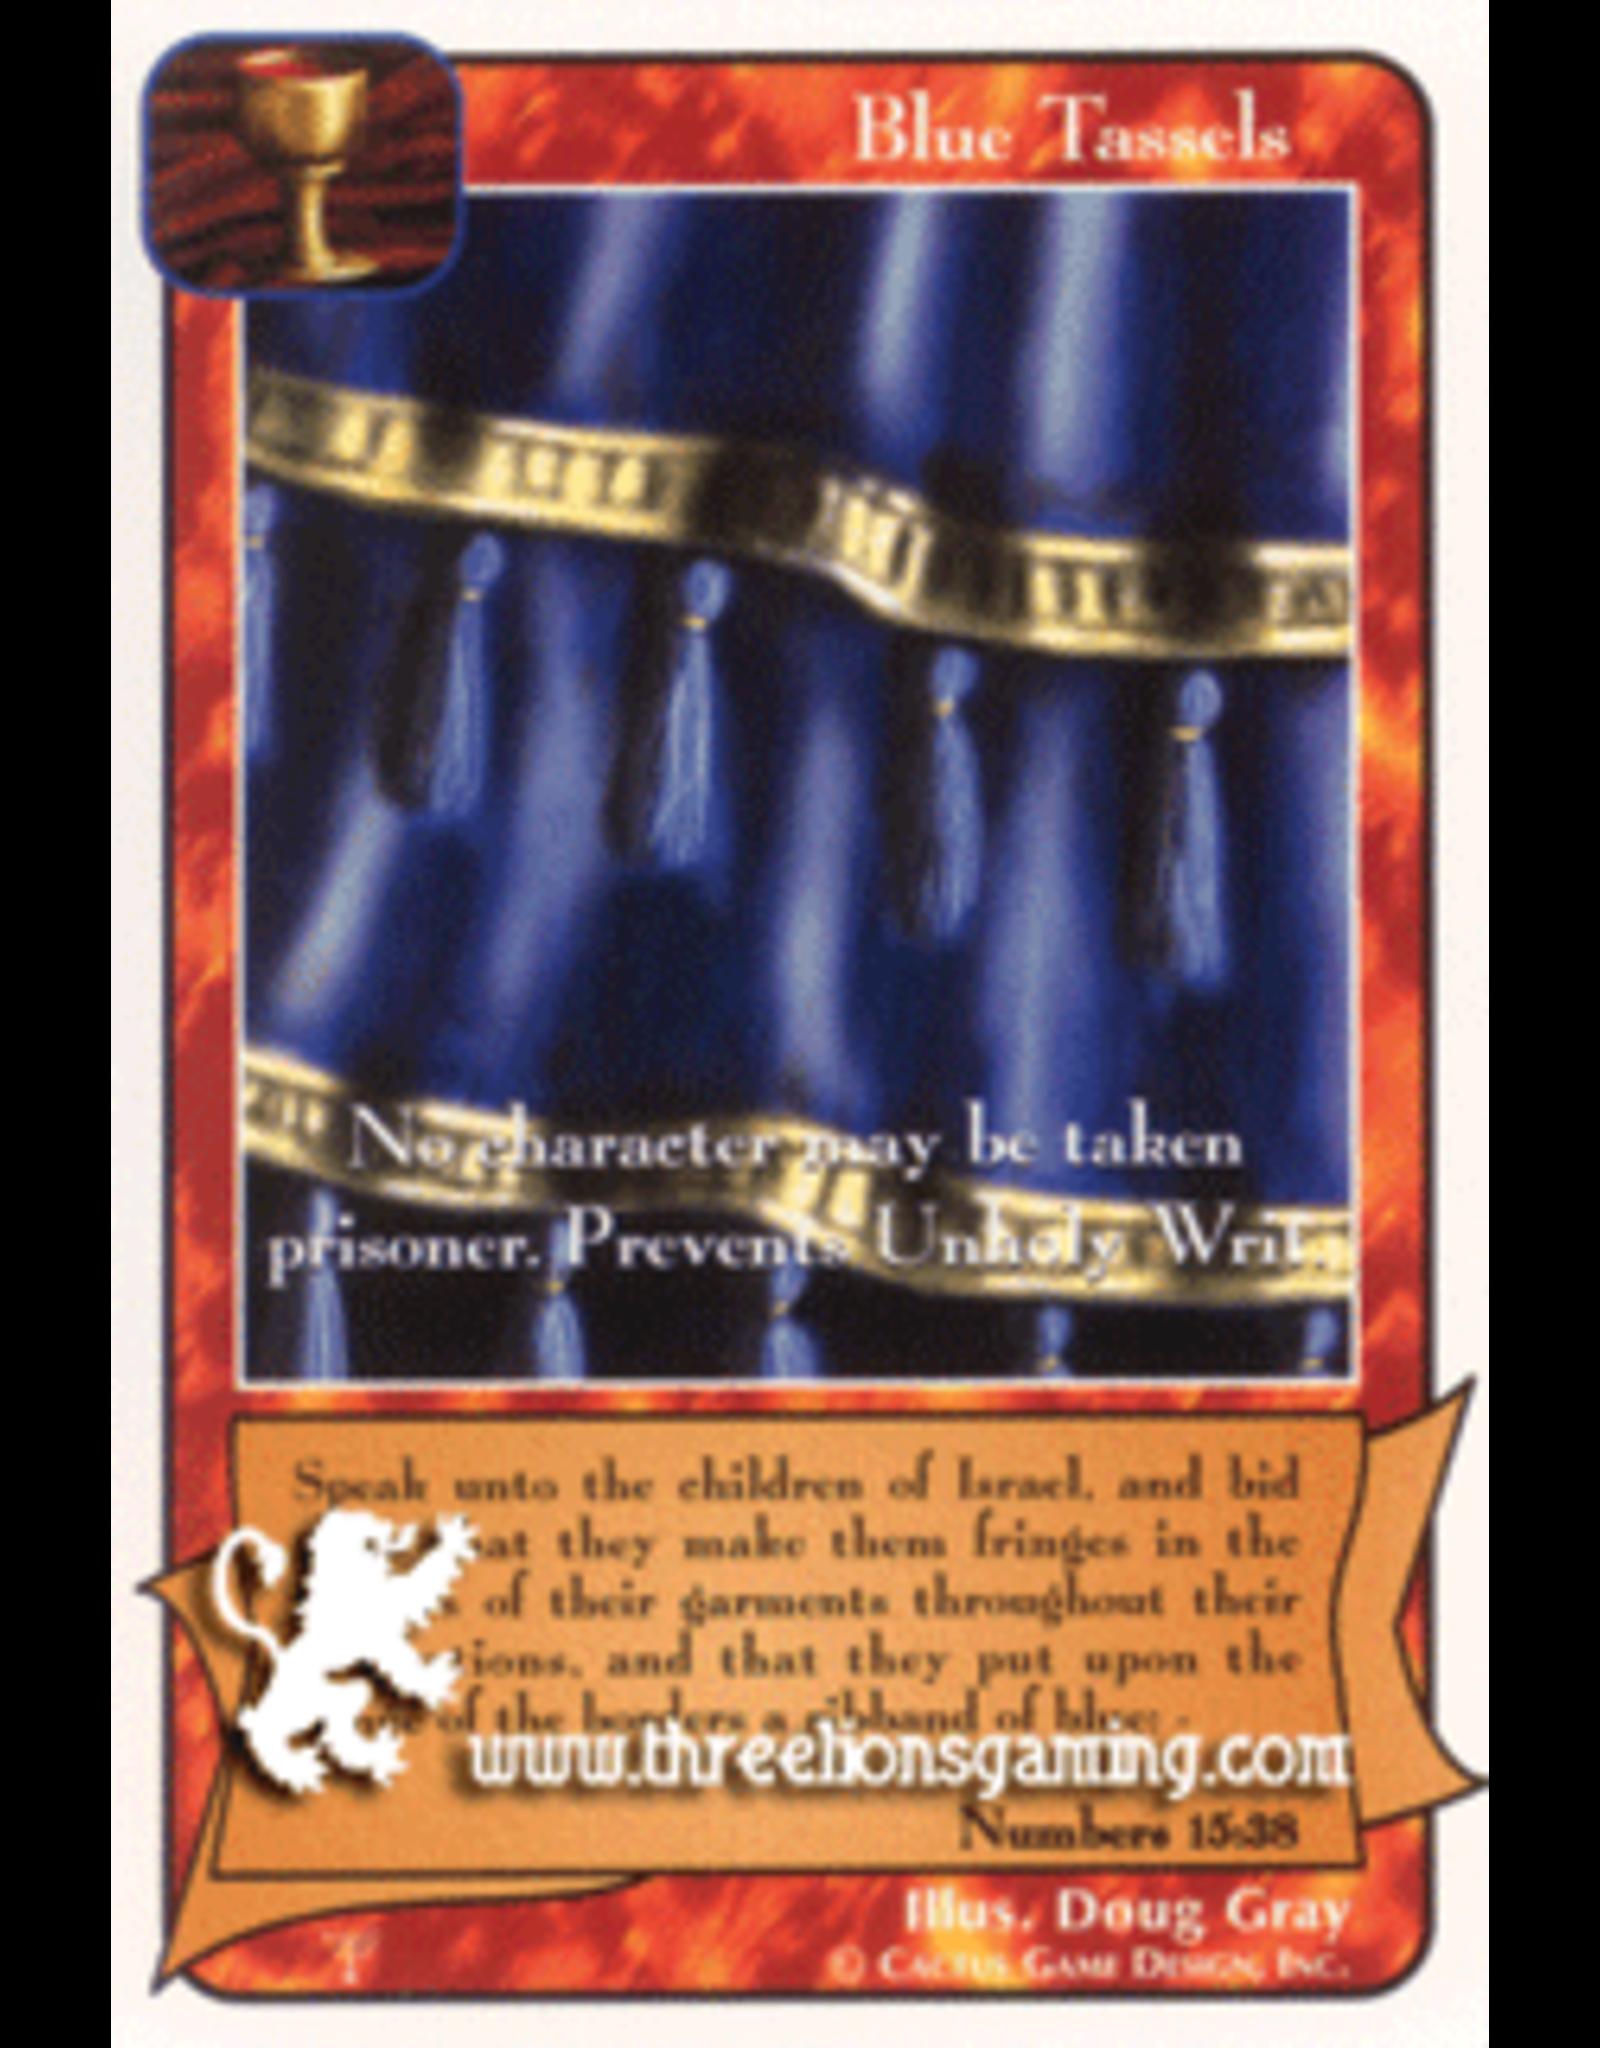 Pa: Blue Tassels